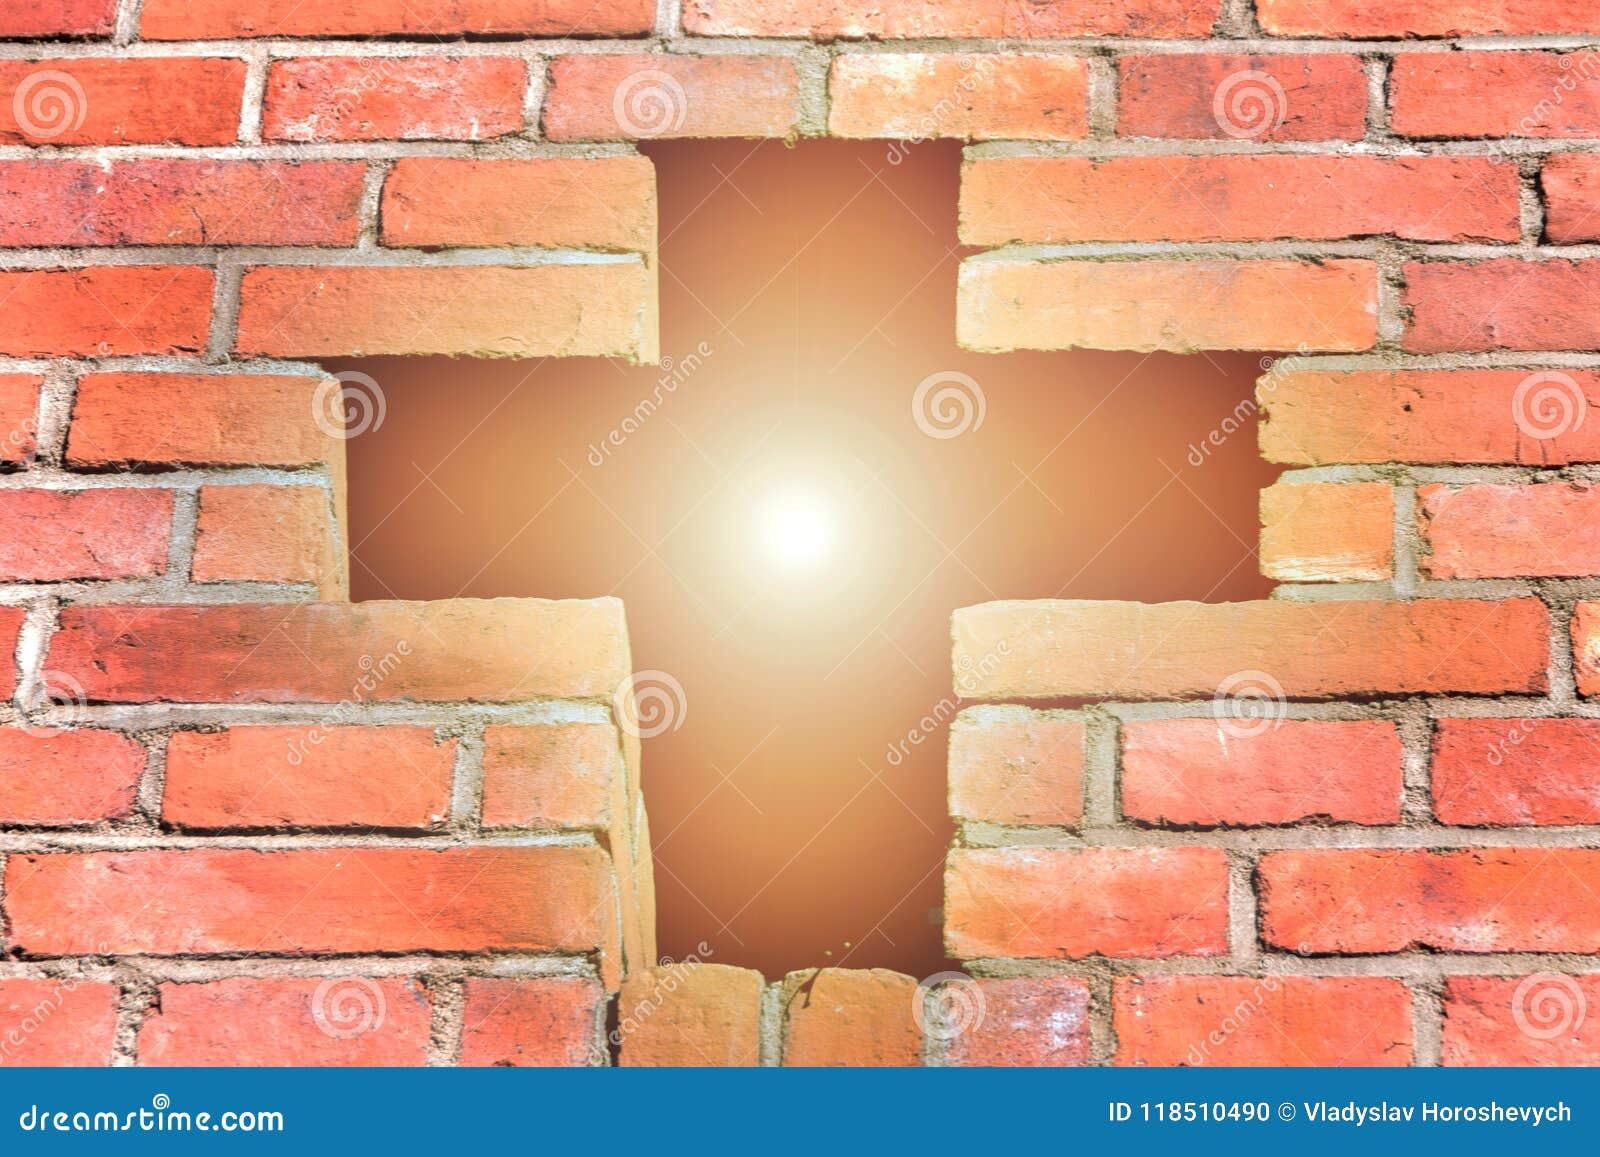 基督徒十字架由砖做成,一个明亮的十字架通过明亮的太阳,在上帝的信念是光亮的